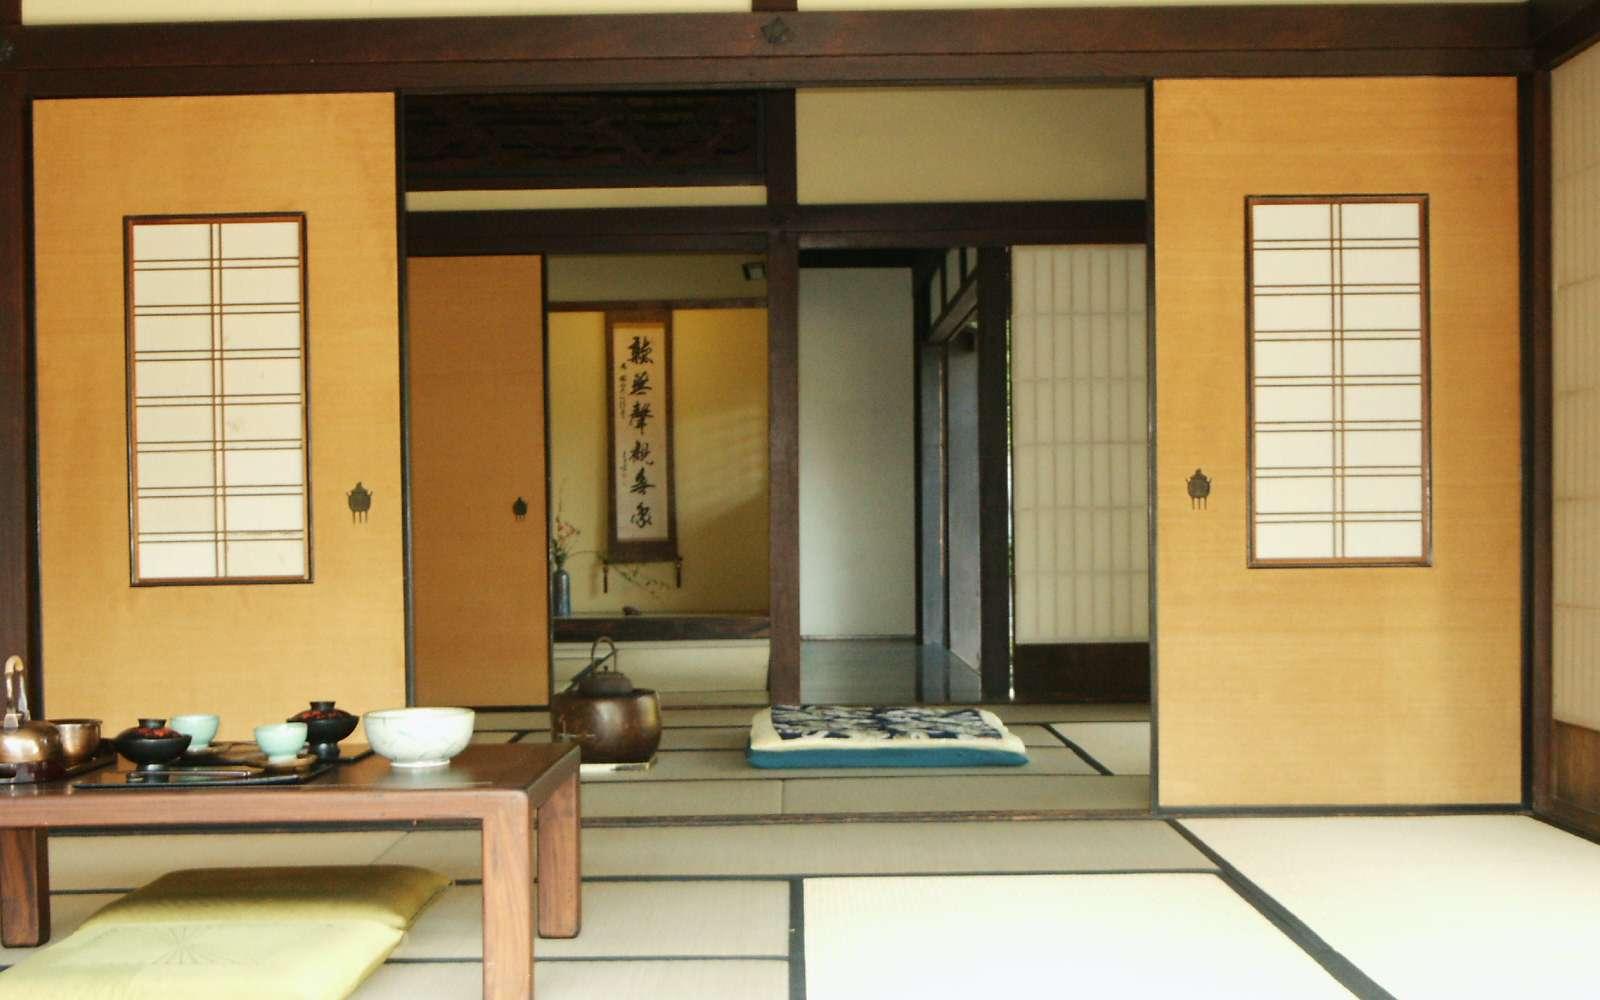 Installer une cloison japonaise permet un gain de place incontestable. © Dominus Vobiscum, Flickr, CC BY-SA 2.0